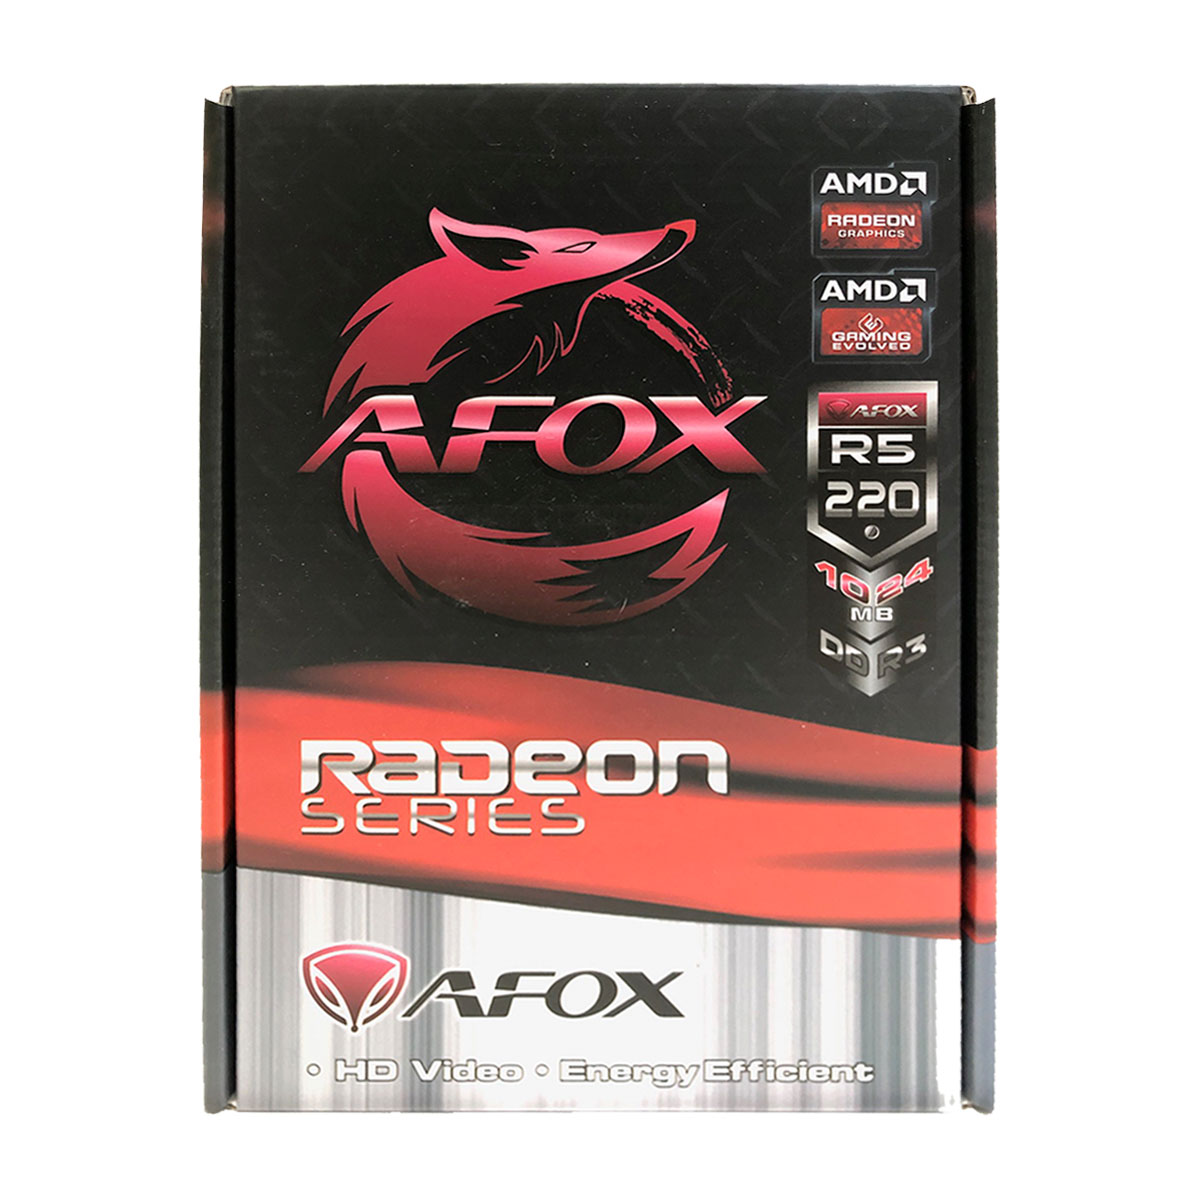 Placa de Vídeo AFOX Radeon R5 220, 1GB, DDR3, 64 Bits, Low Profile, HDMI/DVI/VGA - AFR5220-1024D3L5